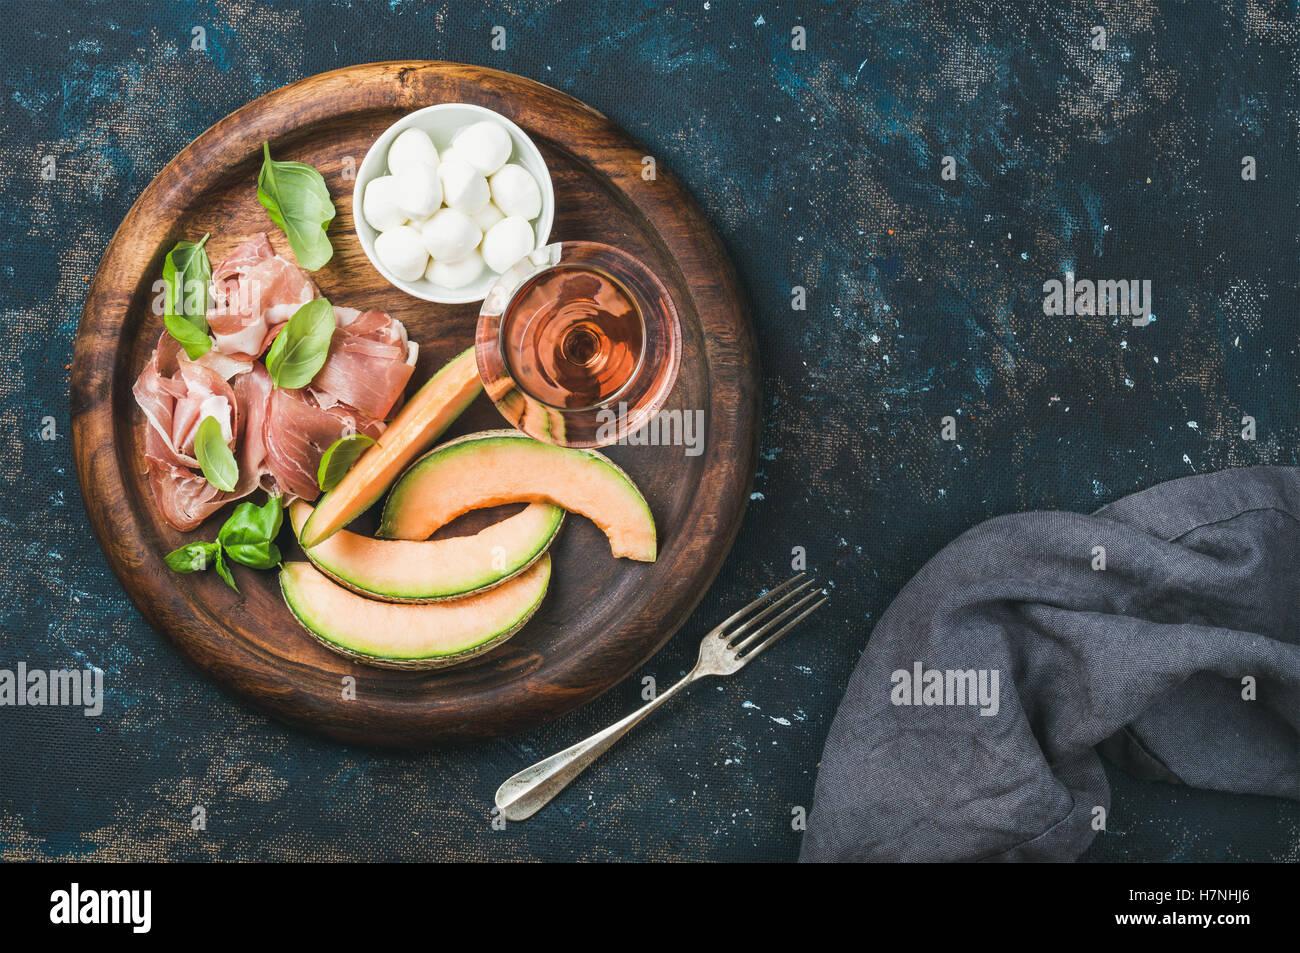 Prosciutto, cantaloupe melon, mozzarella and glass of rose wine - Stock Image